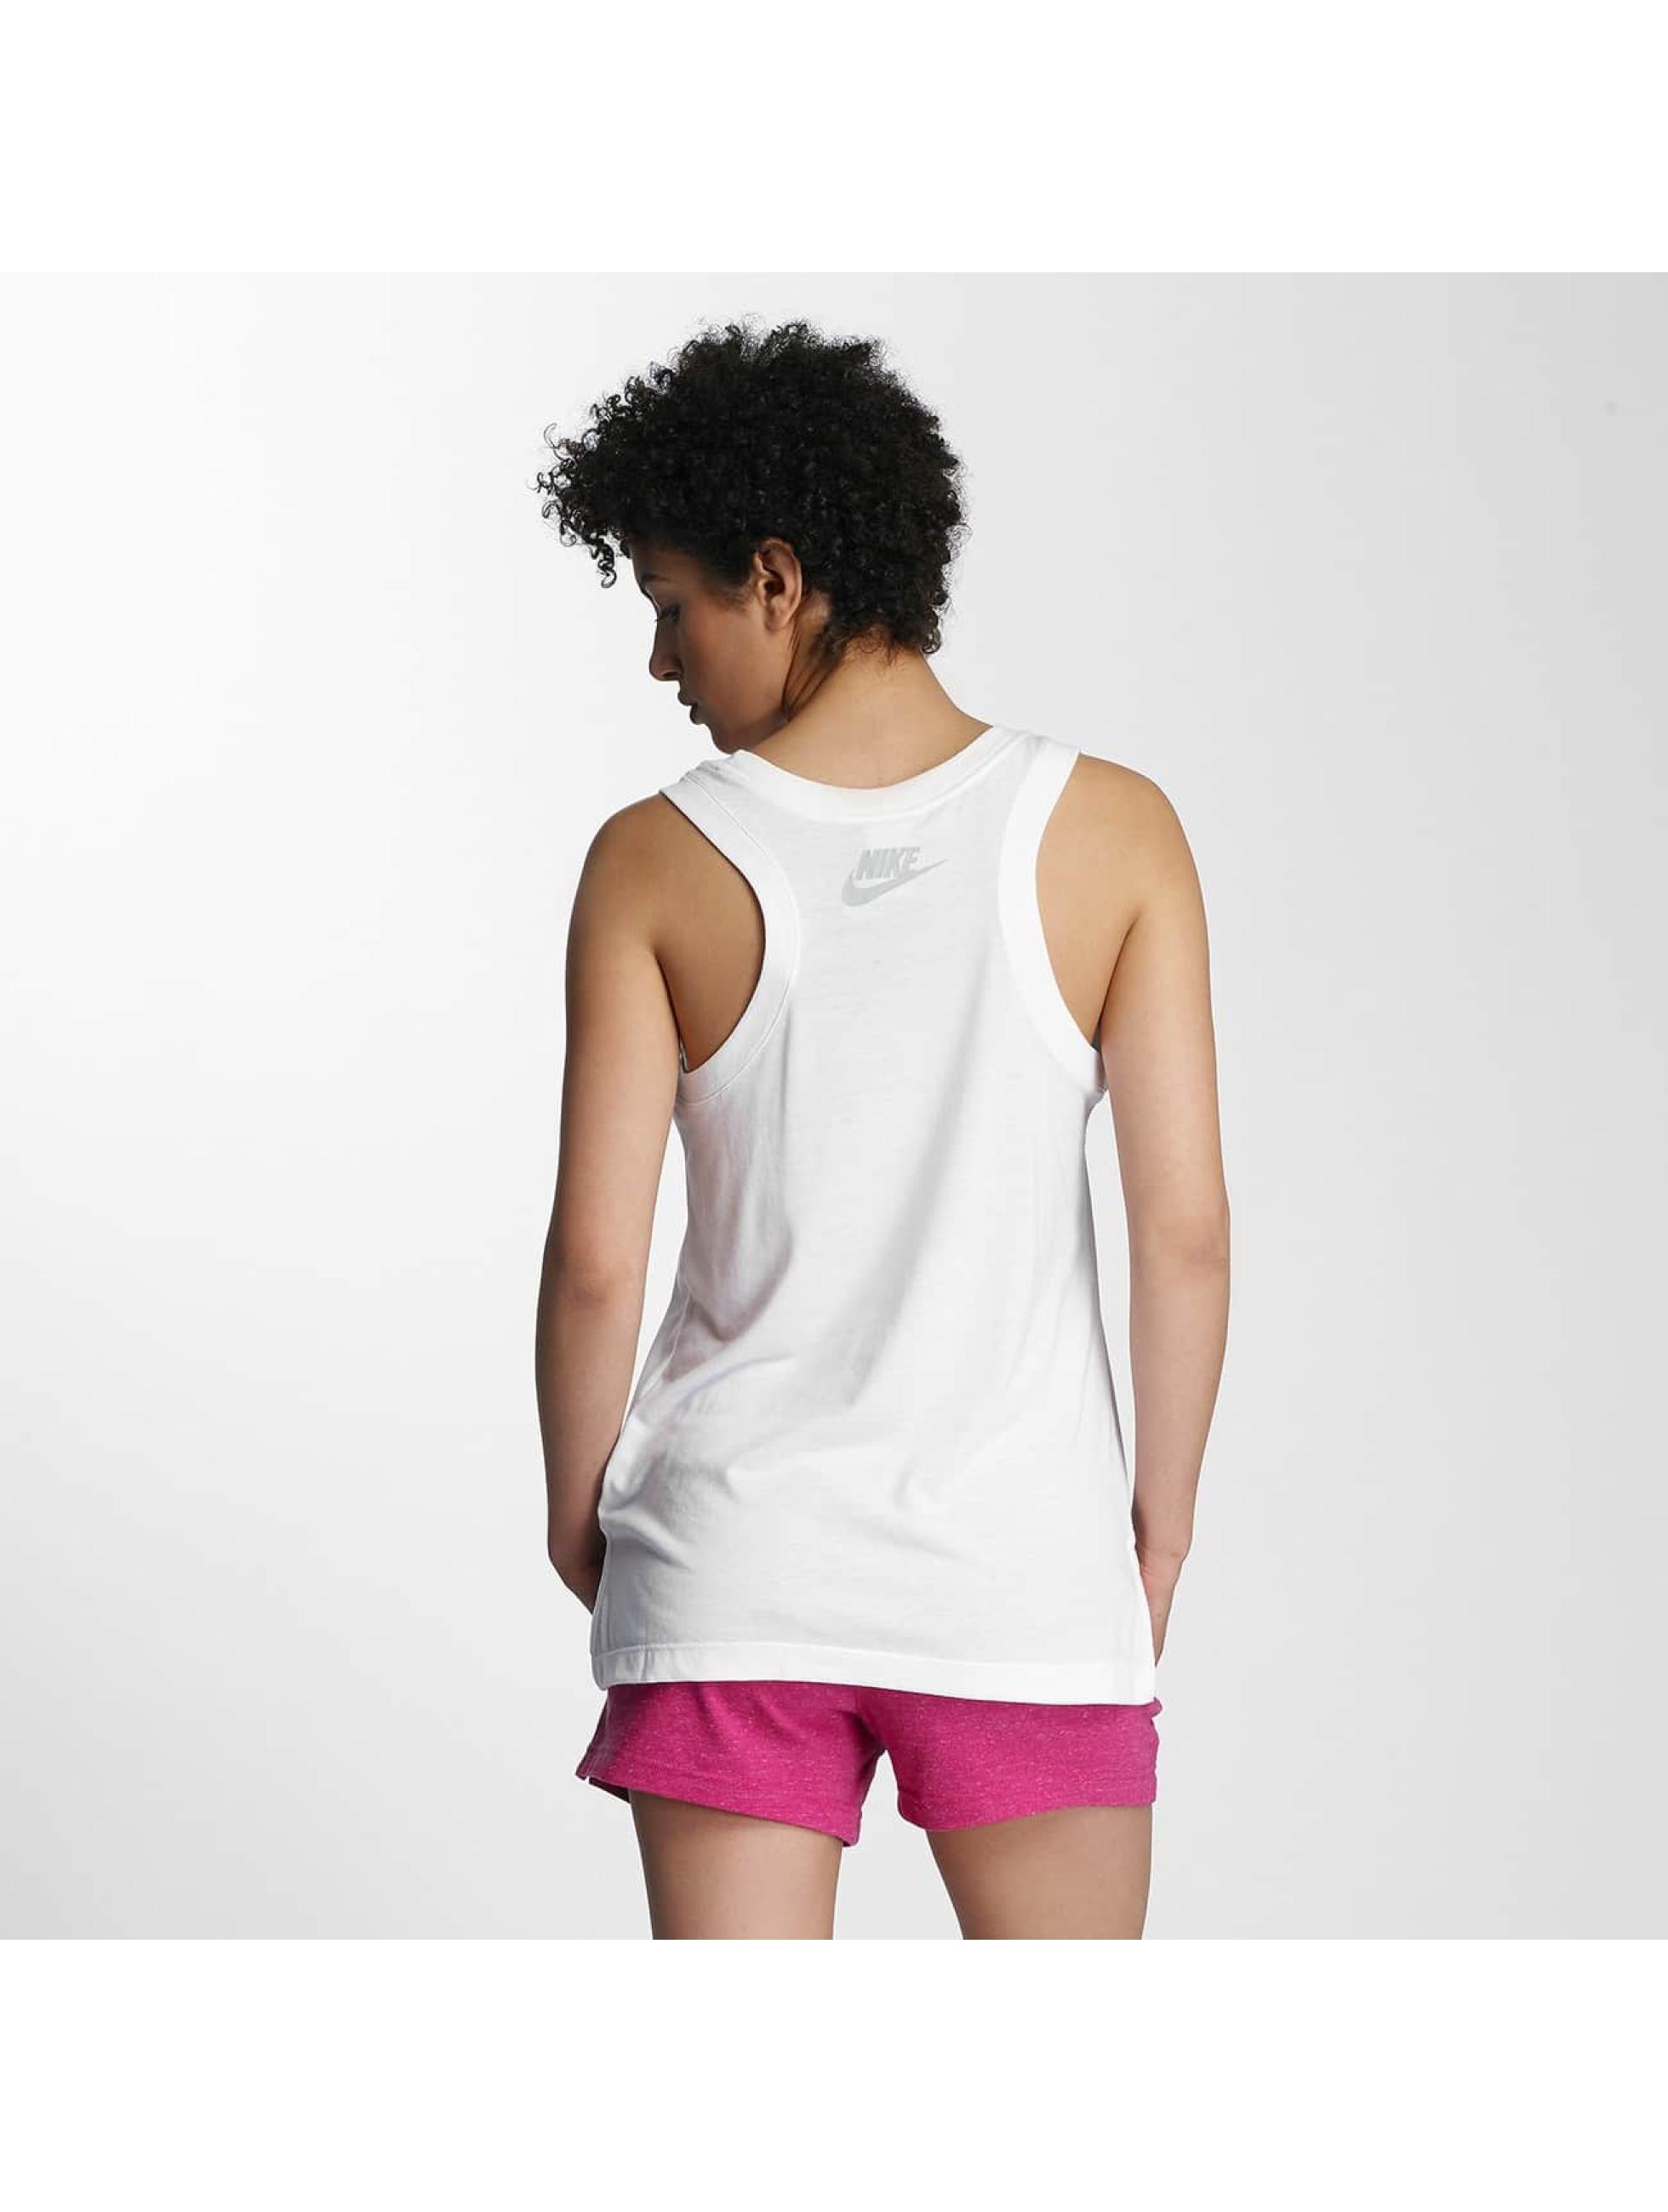 Nike Tank Tops NSW JDI Prep biela